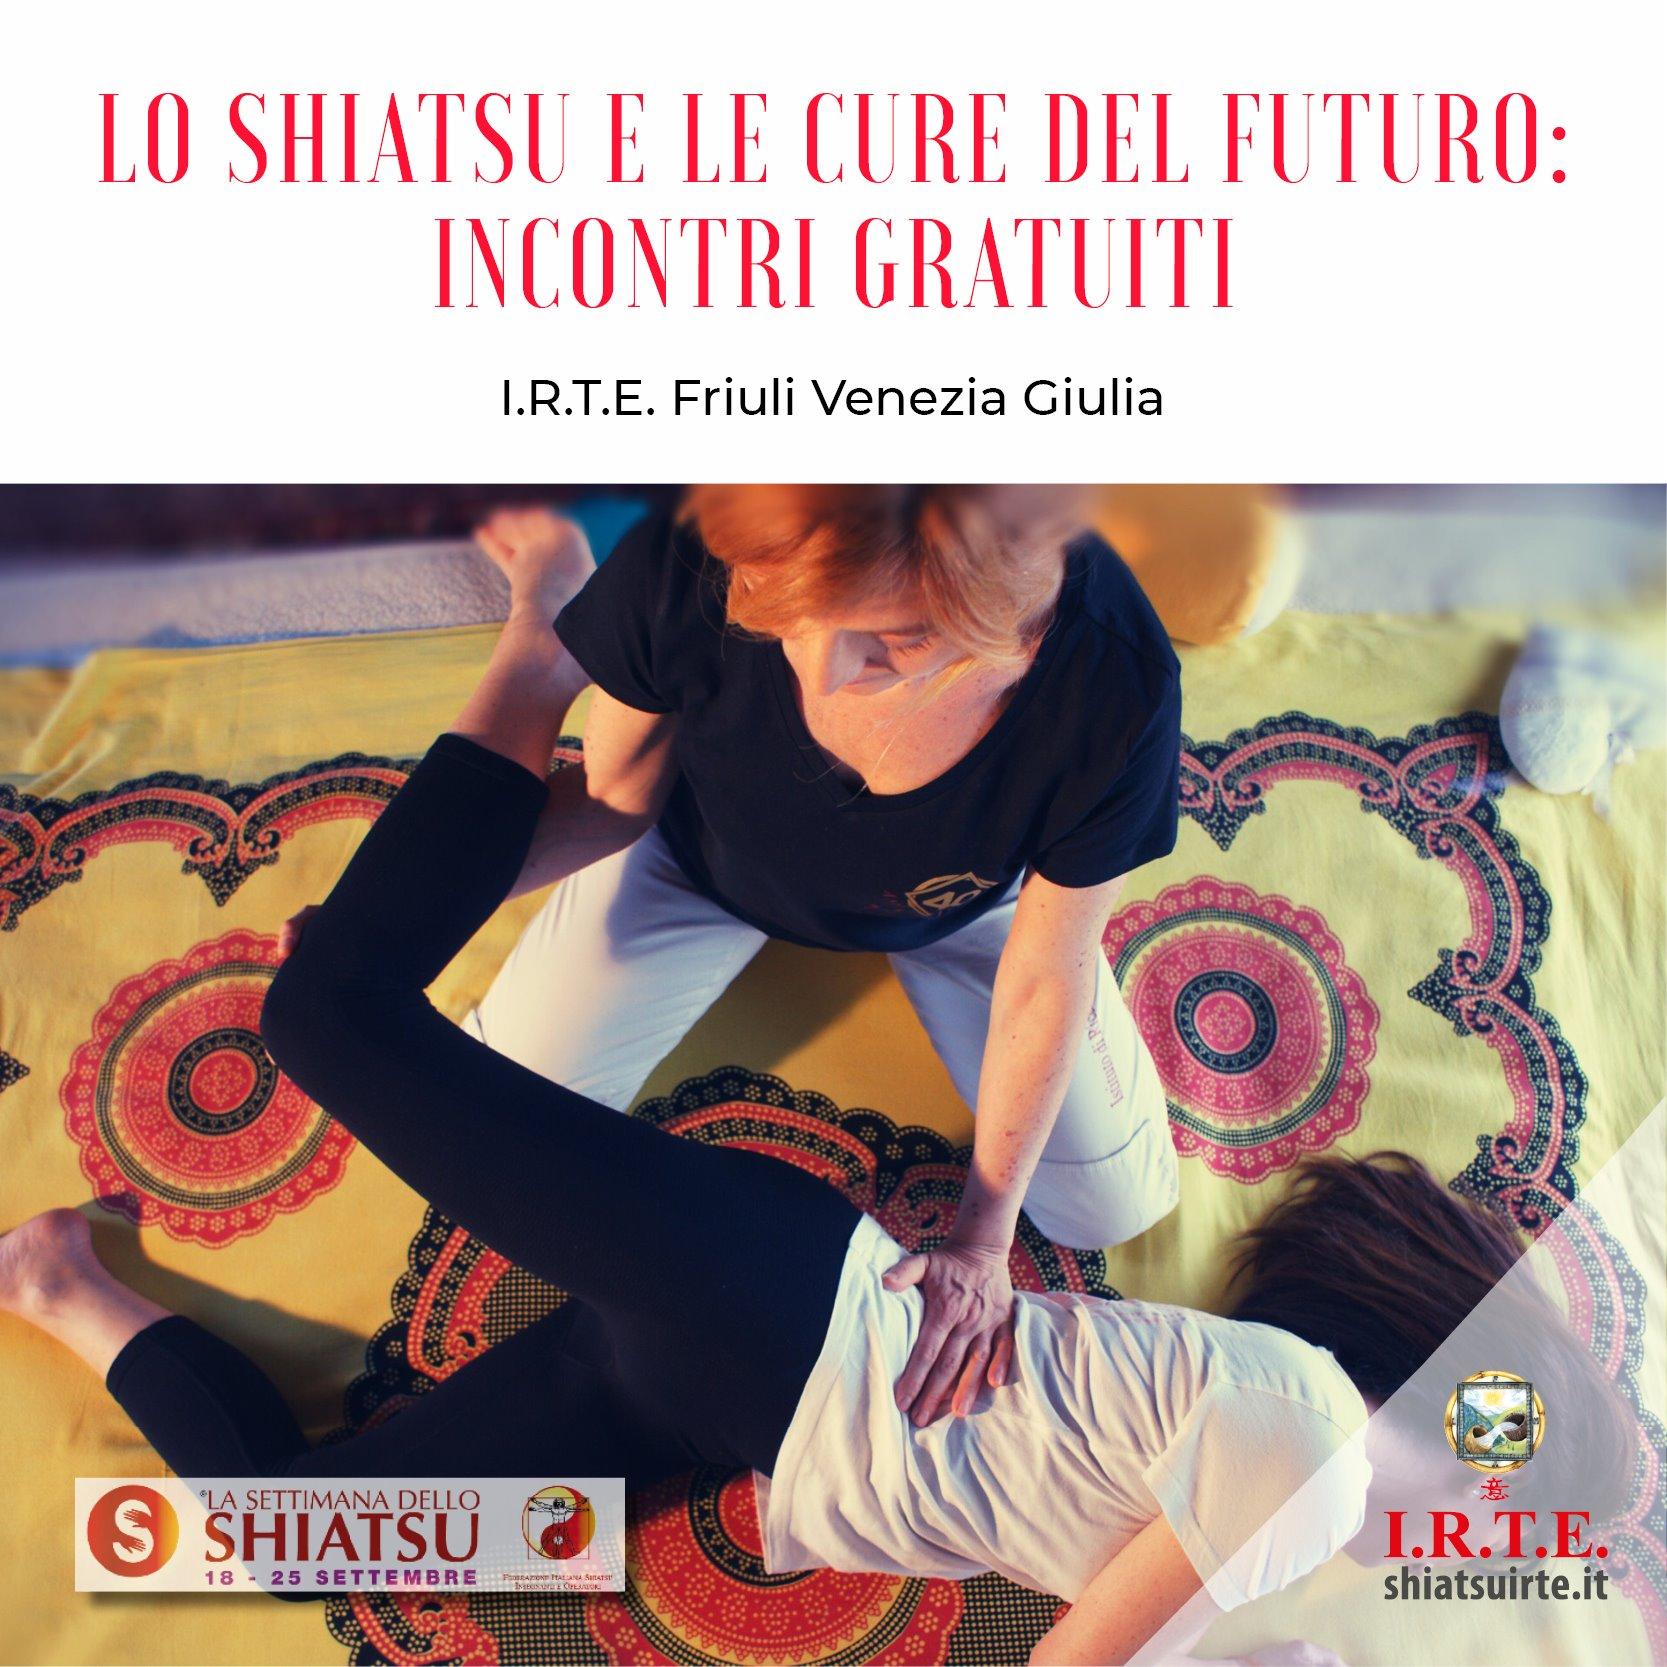 18-25 settembre 2020: la Settimana dello Shiatsu in Friuli Venezia Giulia - Incontri gratuiti